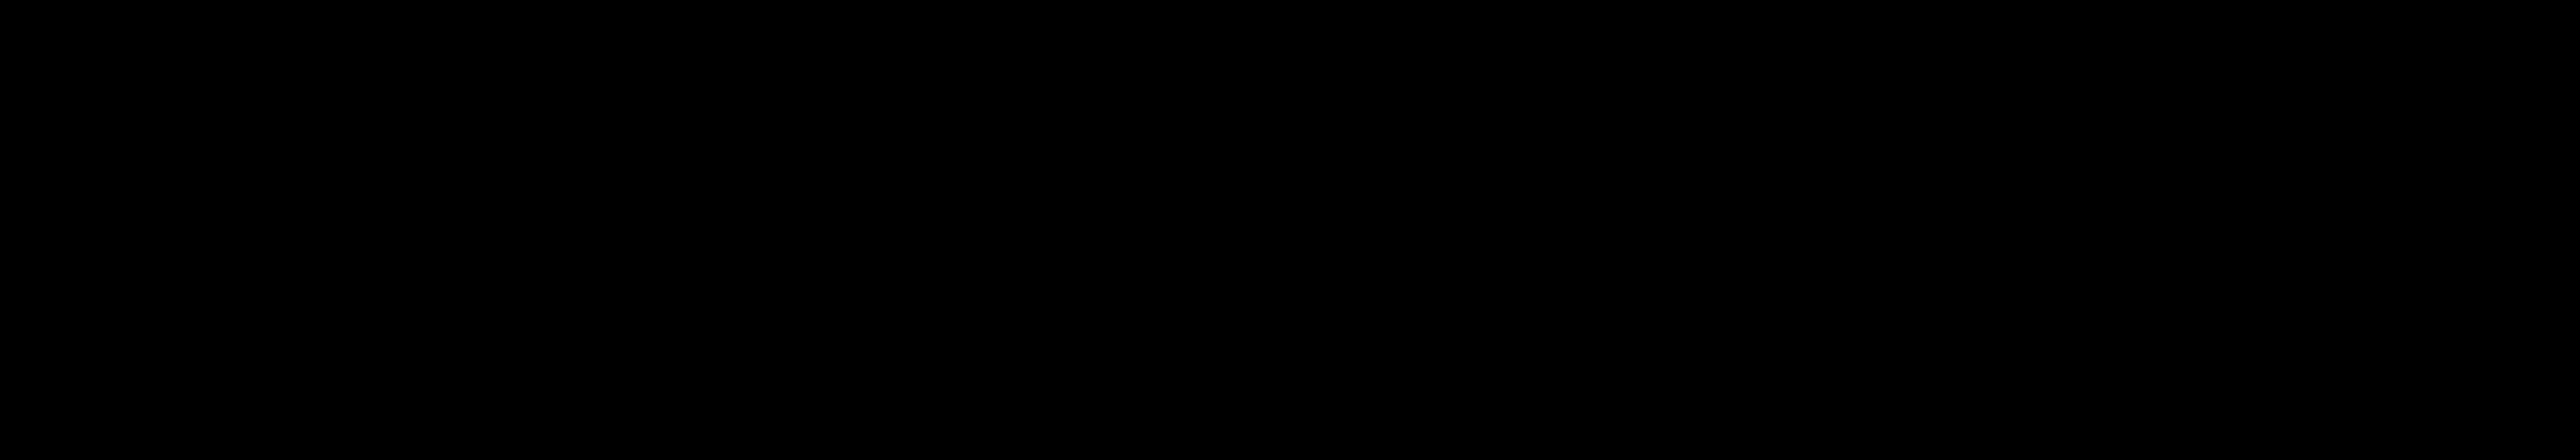 סומפי מנוע לתריס גלילה